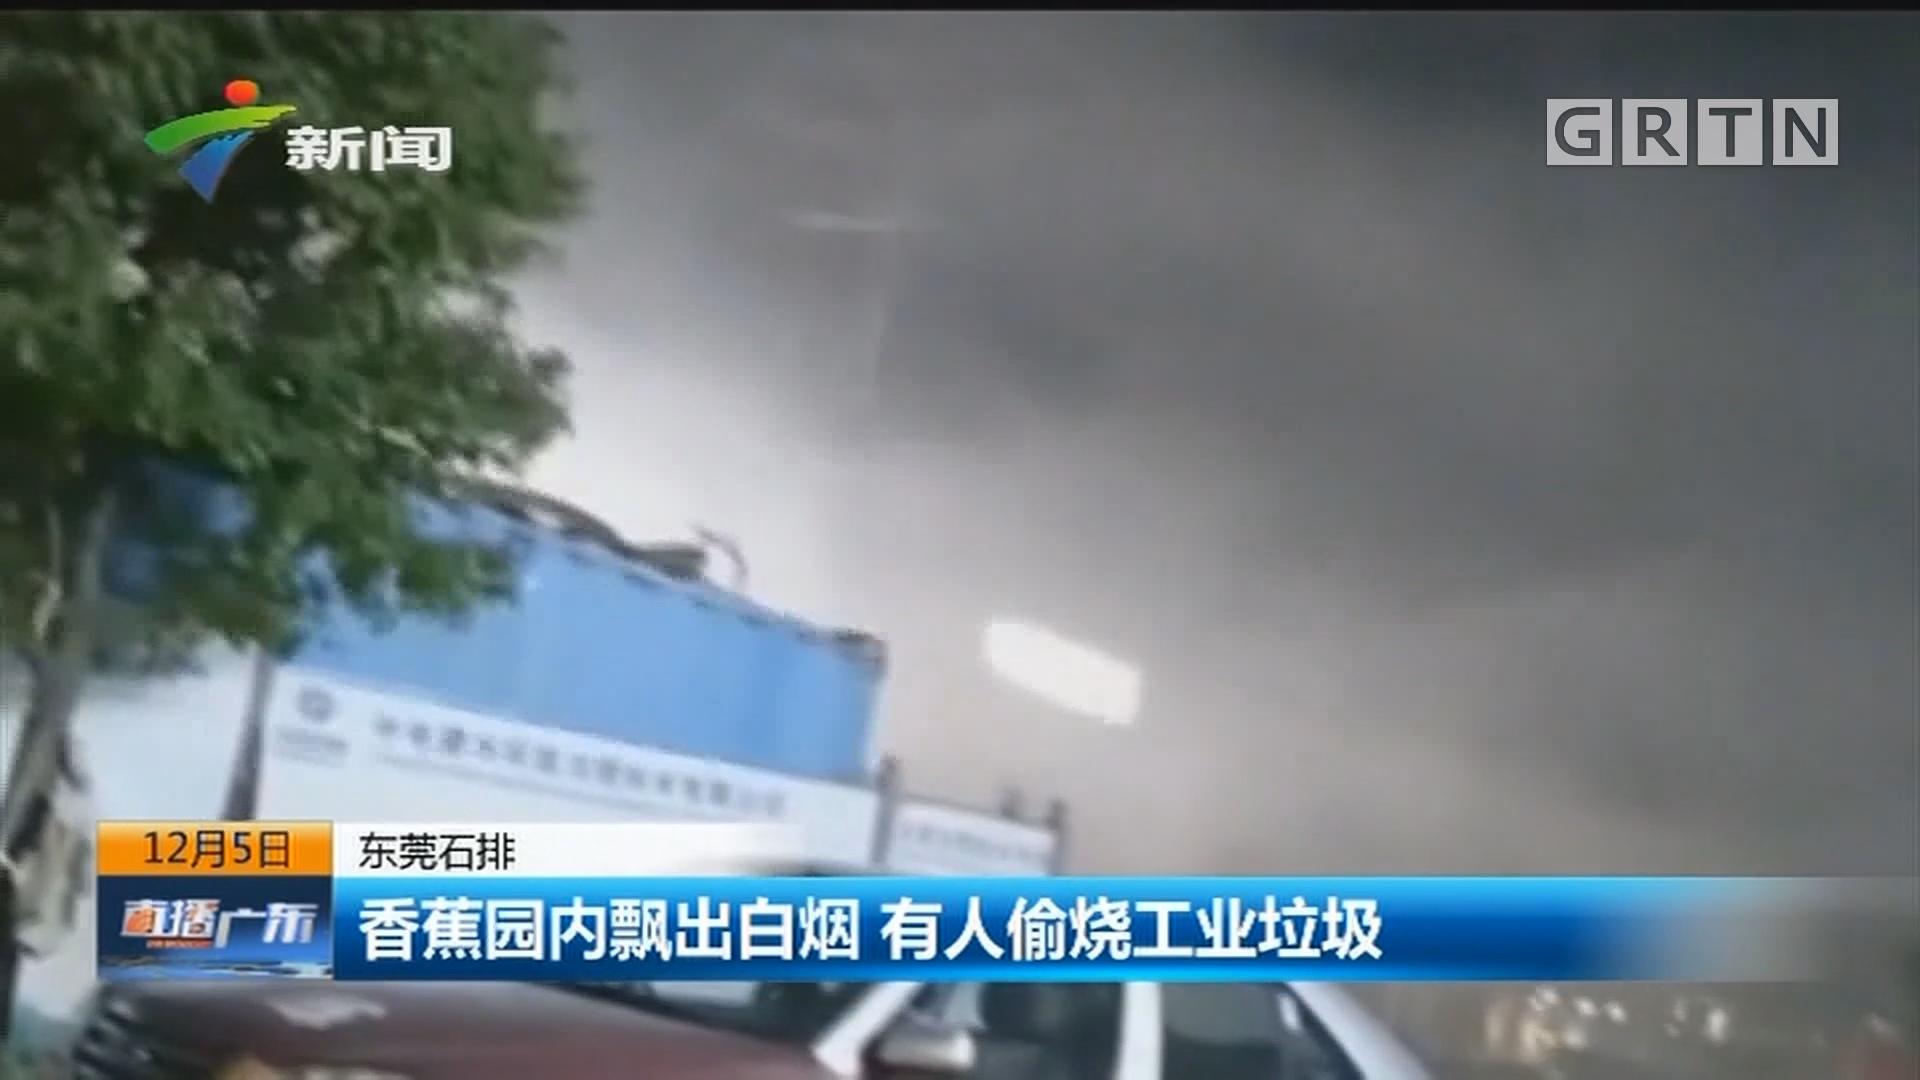 东莞石排:香蕉园内飘出白烟 有人偷烧工业垃圾